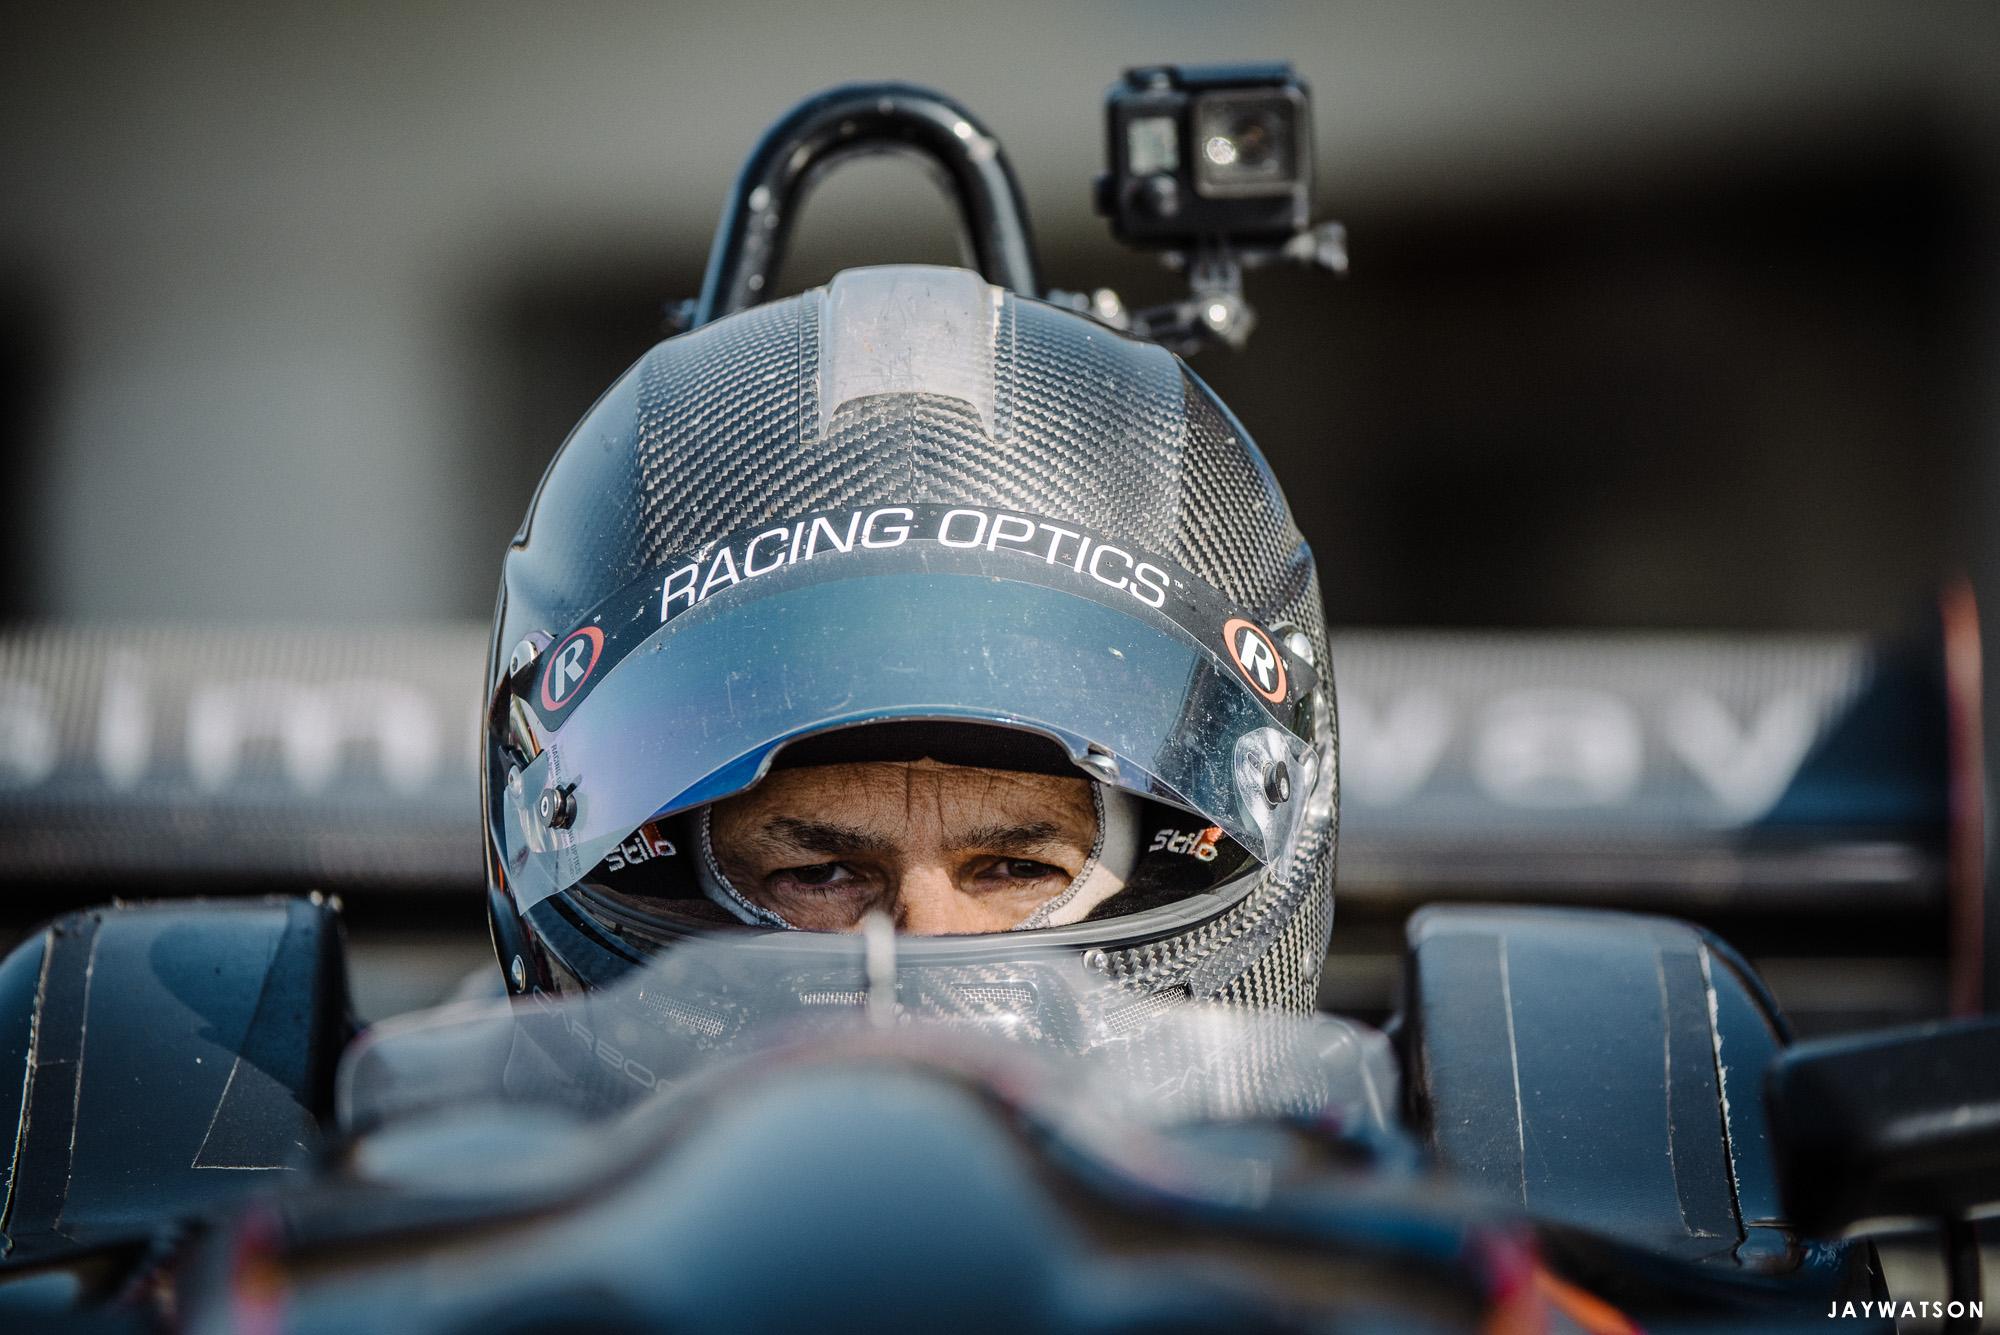 F3 Racing at Mazda Raceway Laguna Seca